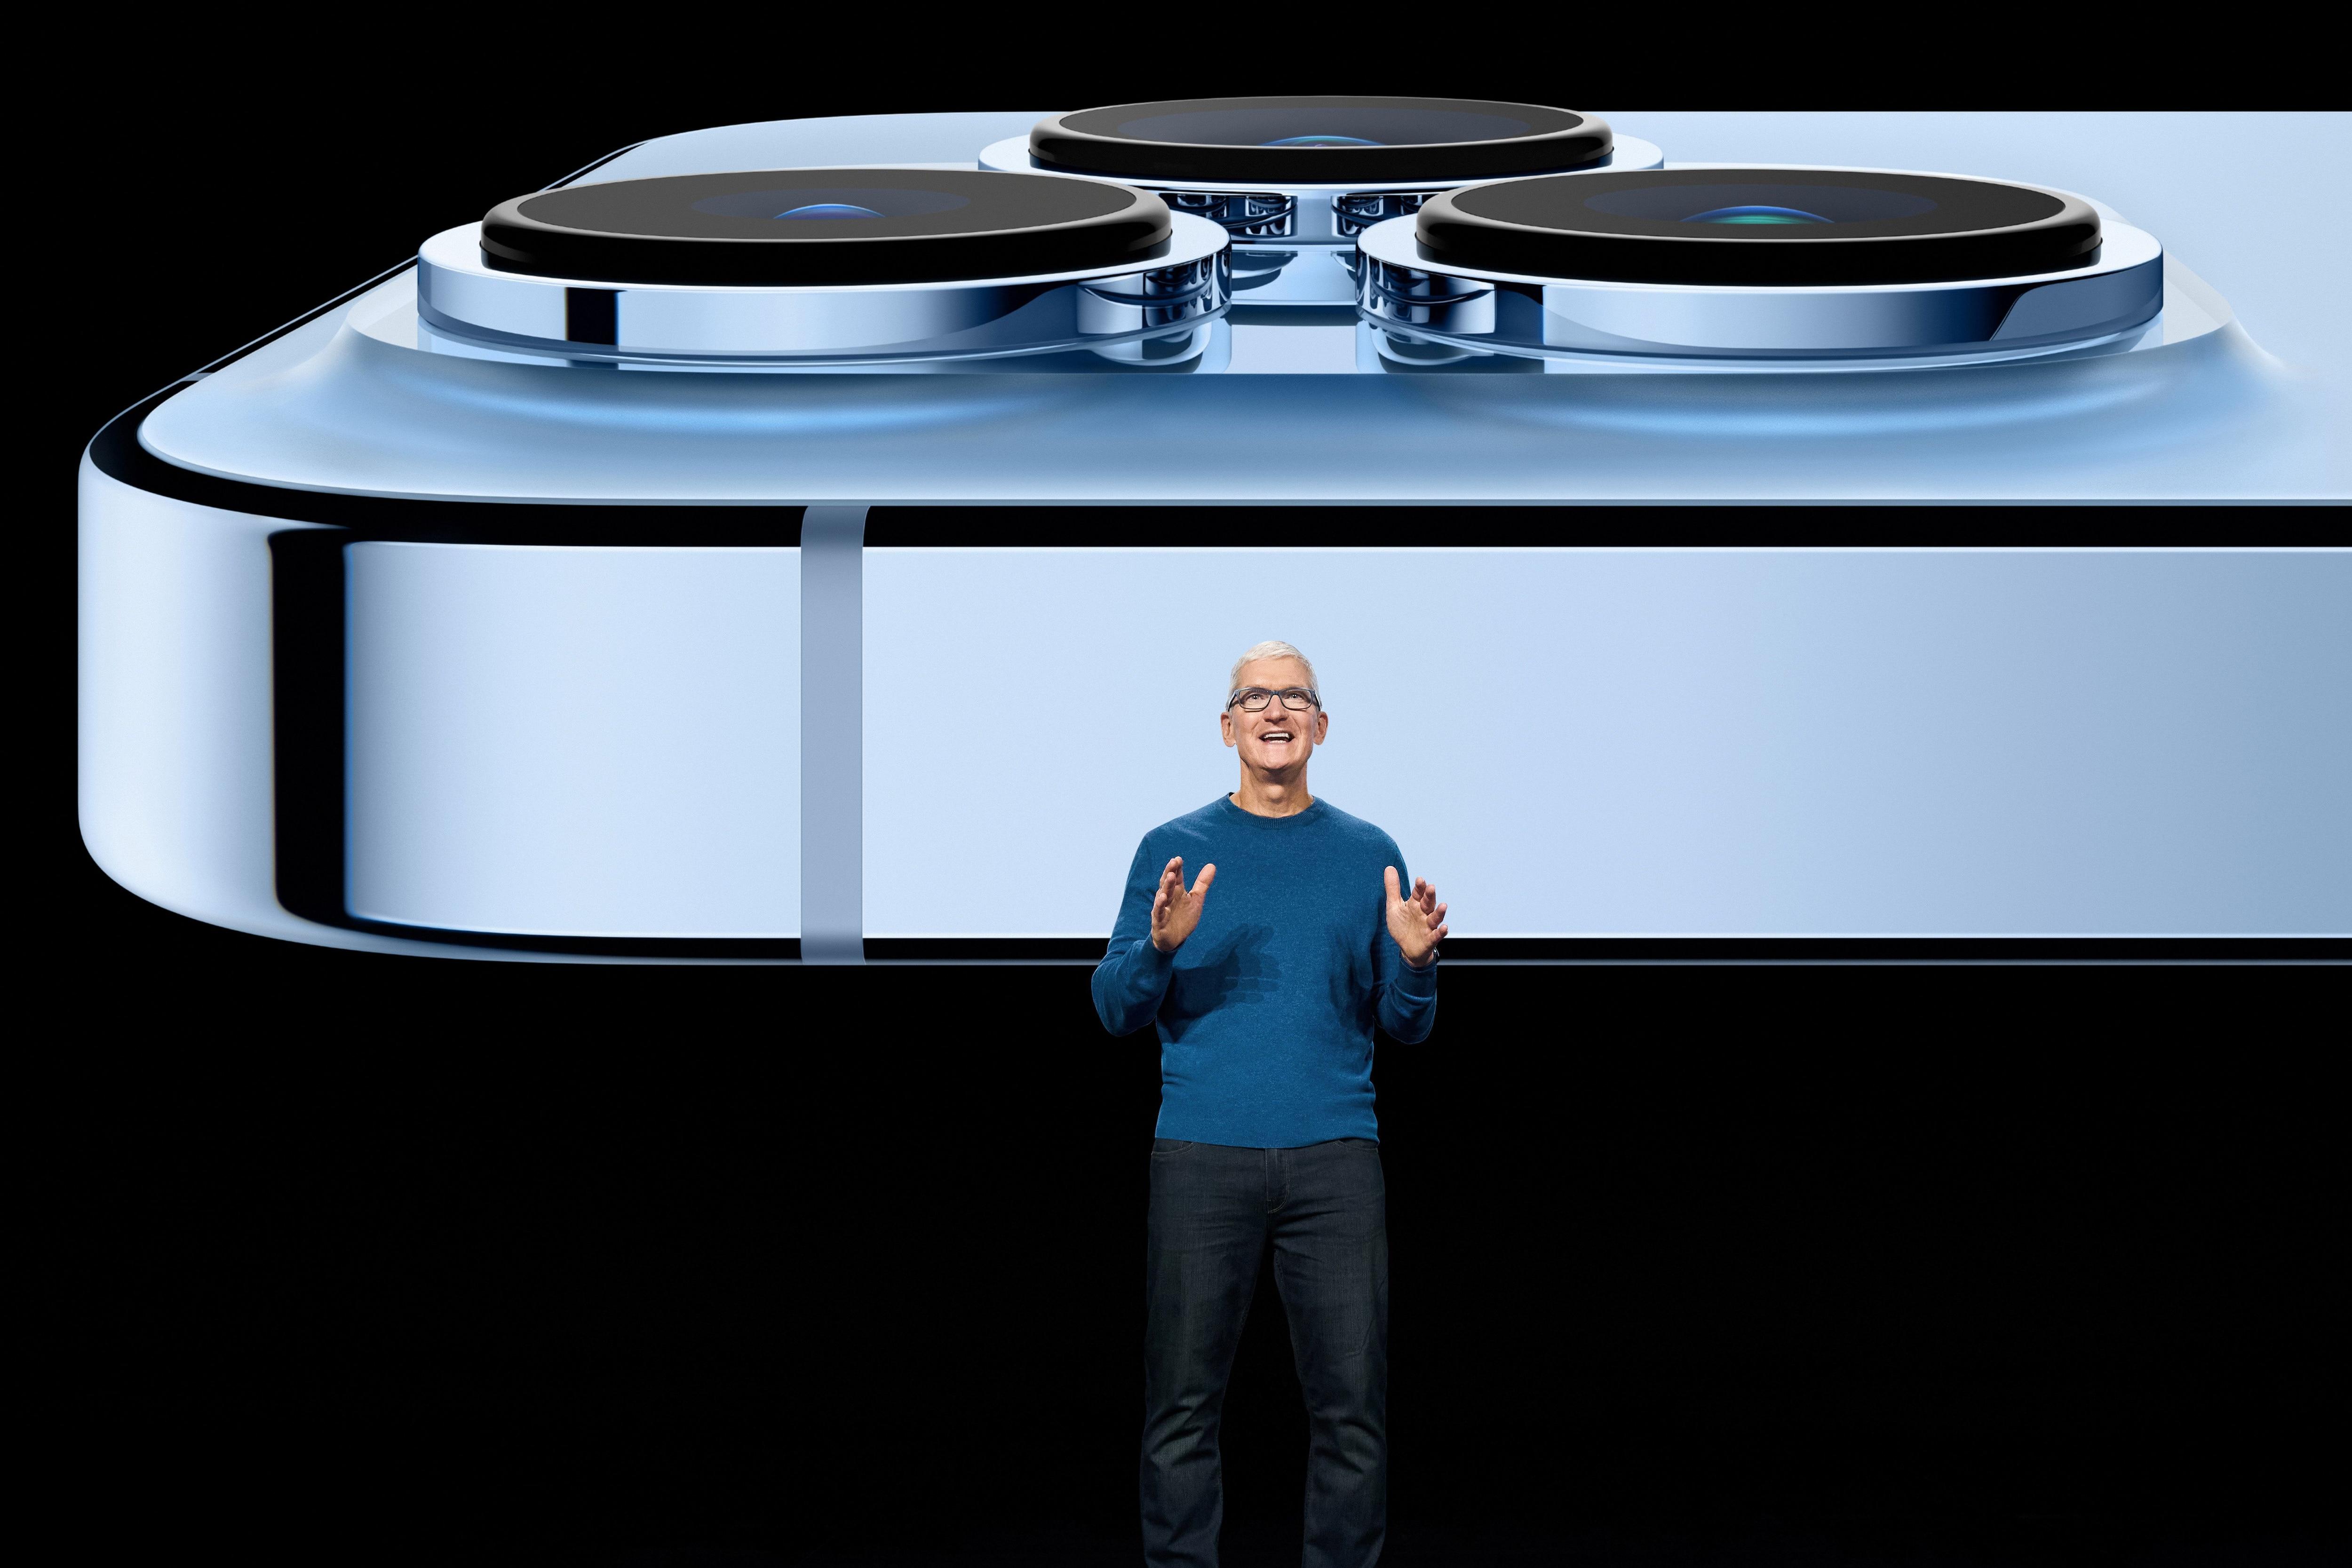 presentacion-del-iphone-13:-que-diferencias-hay-entre-los-nuevos-modelos-que-lanzo-apple